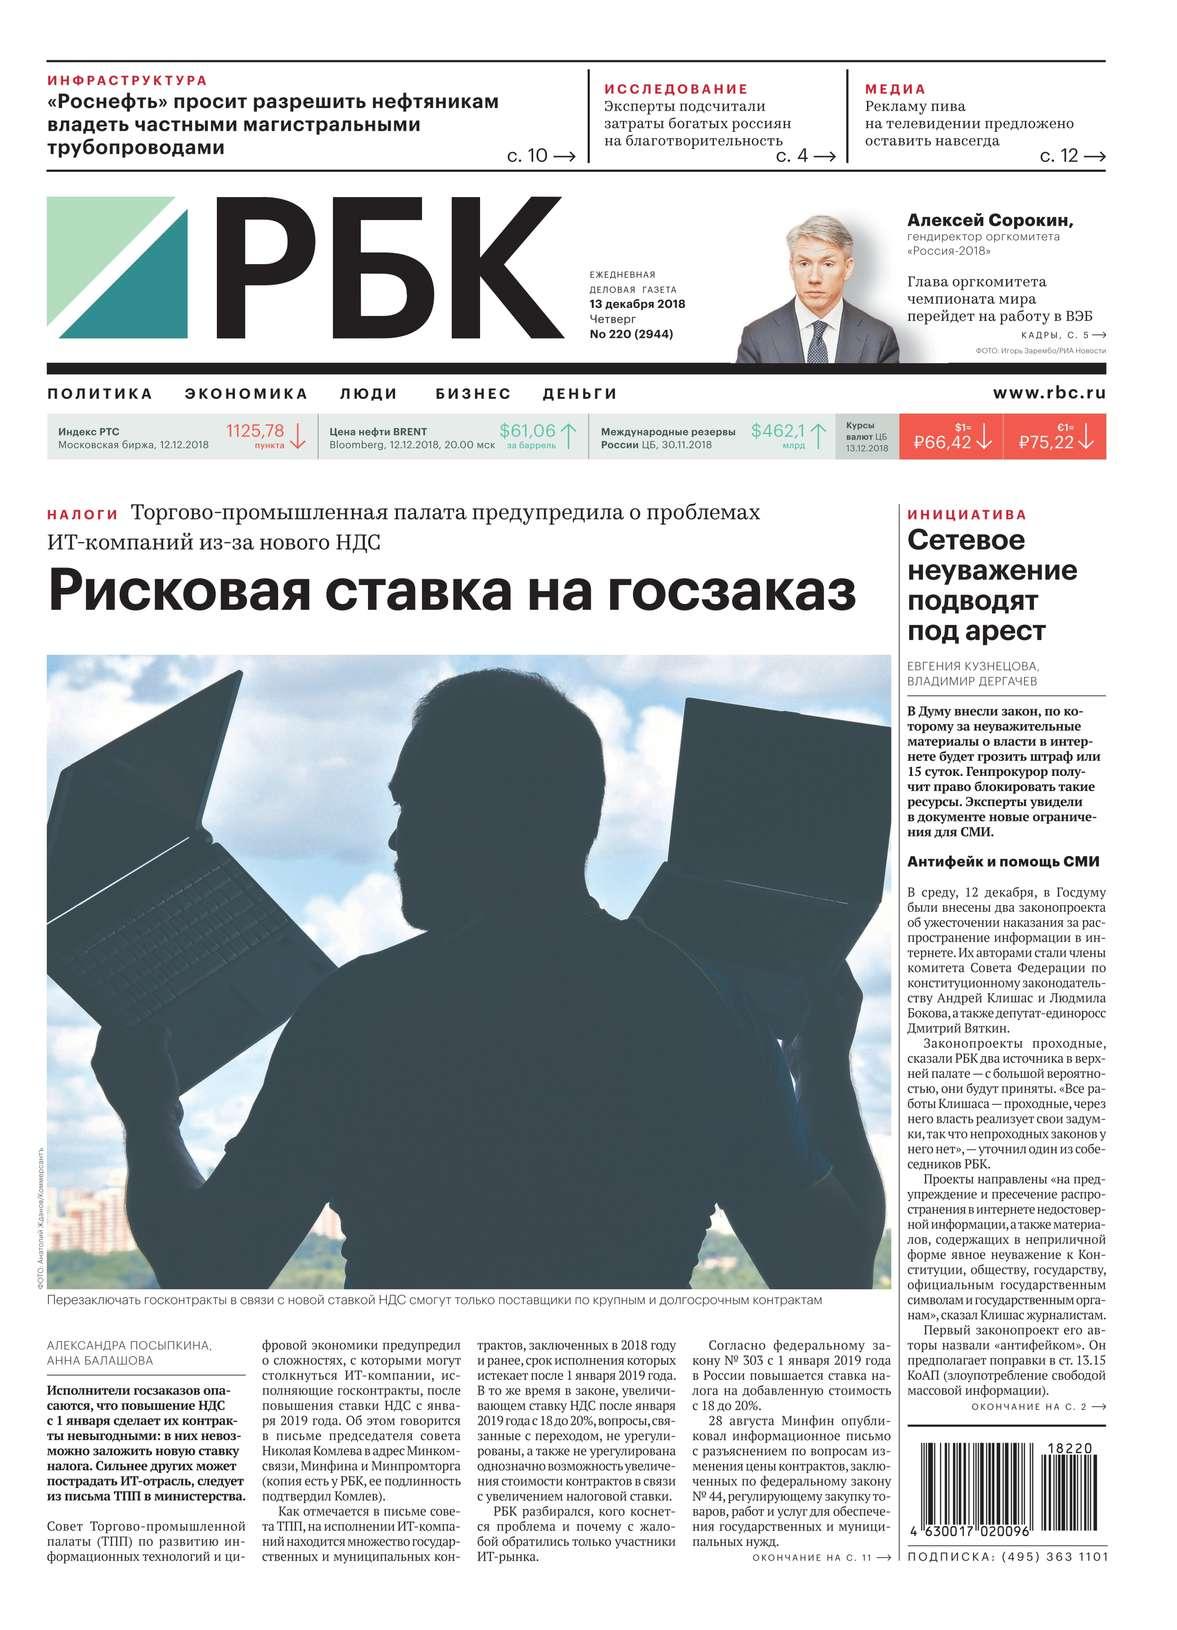 Ежедневная Деловая Газета Рбк 220-2018